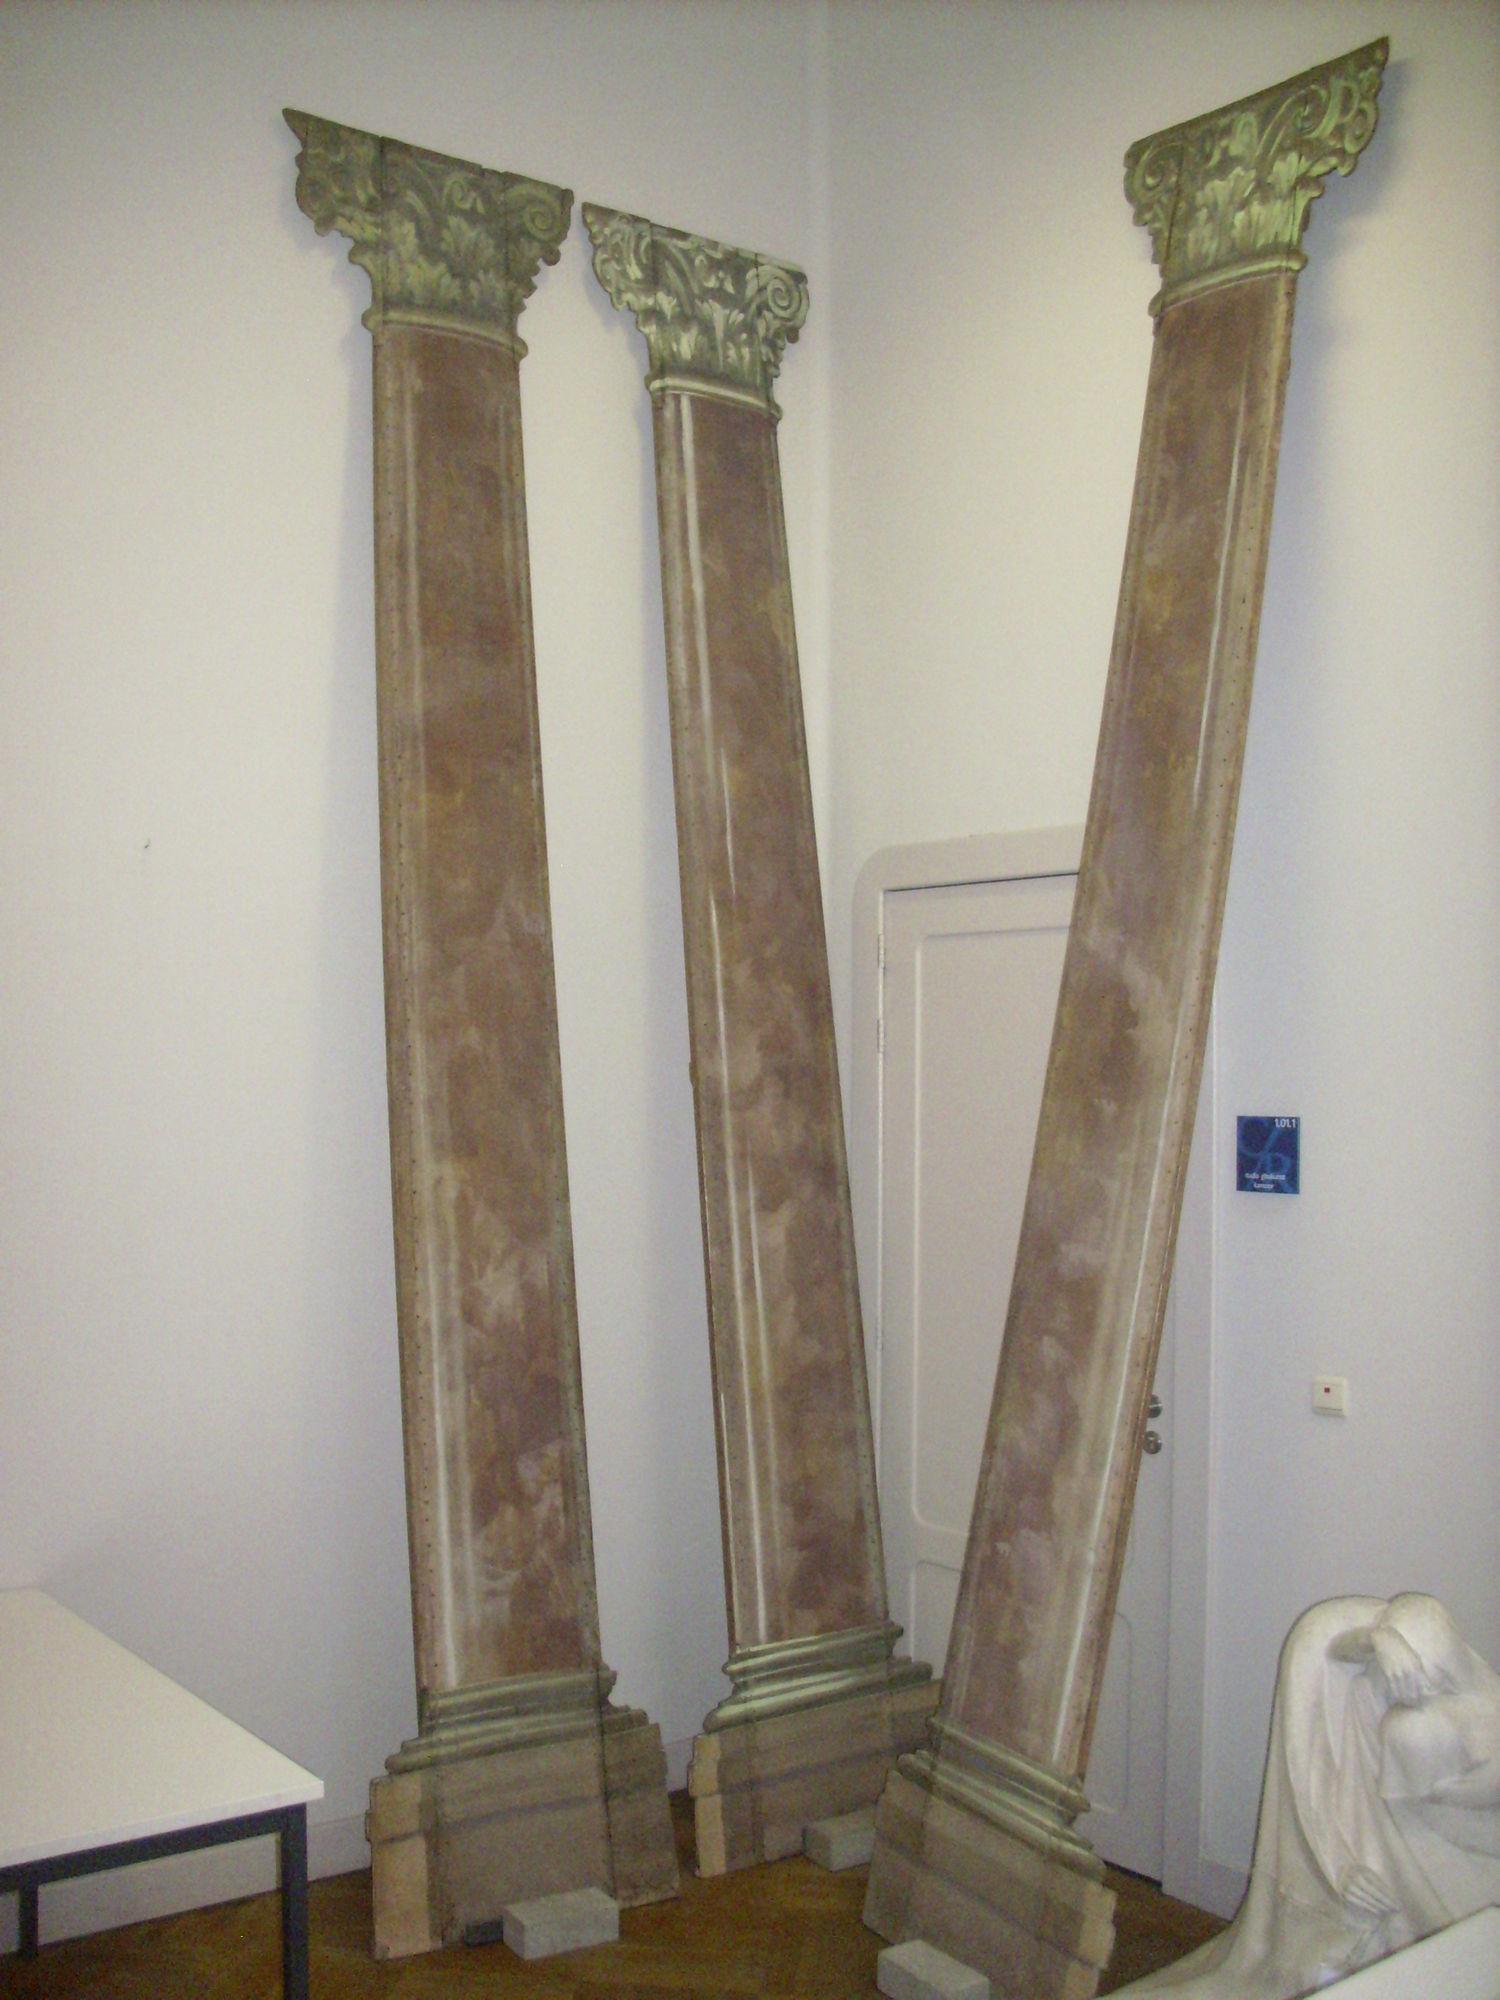 Zuil van palais romain na restauratie